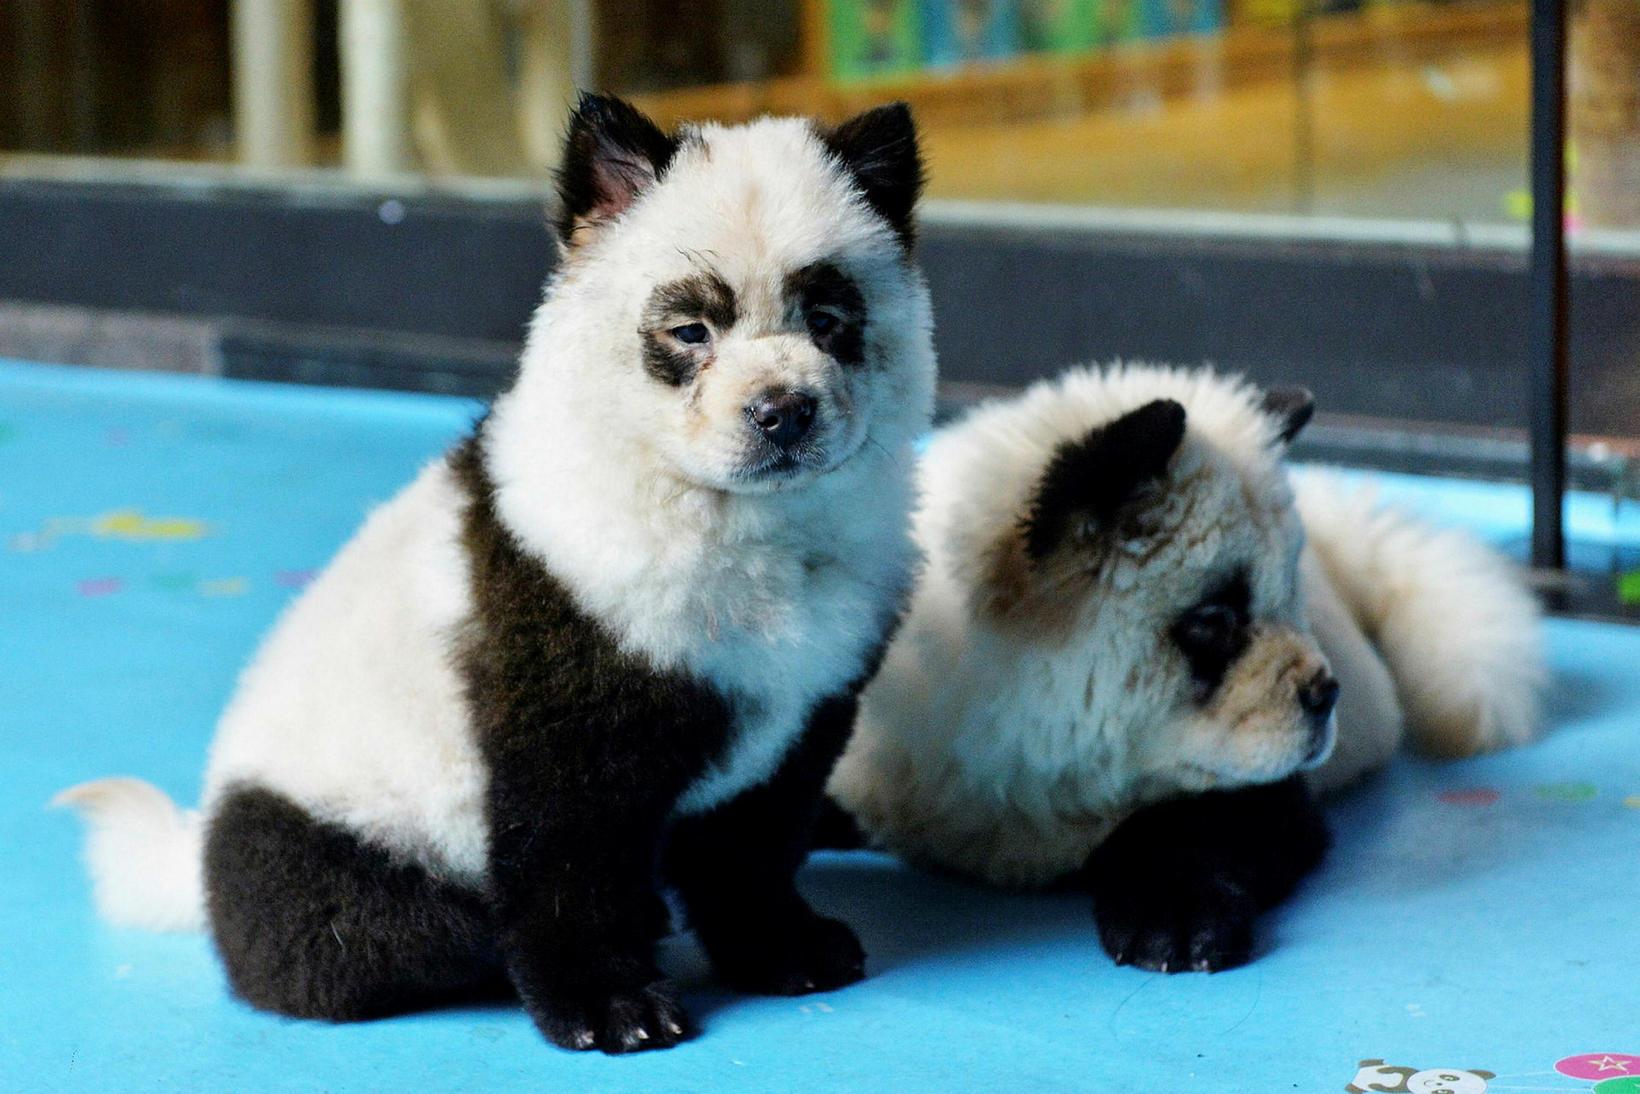 Pandahundarnir á kaffihúsinu Cute Pet Games cafe í borginni Chengdu ...